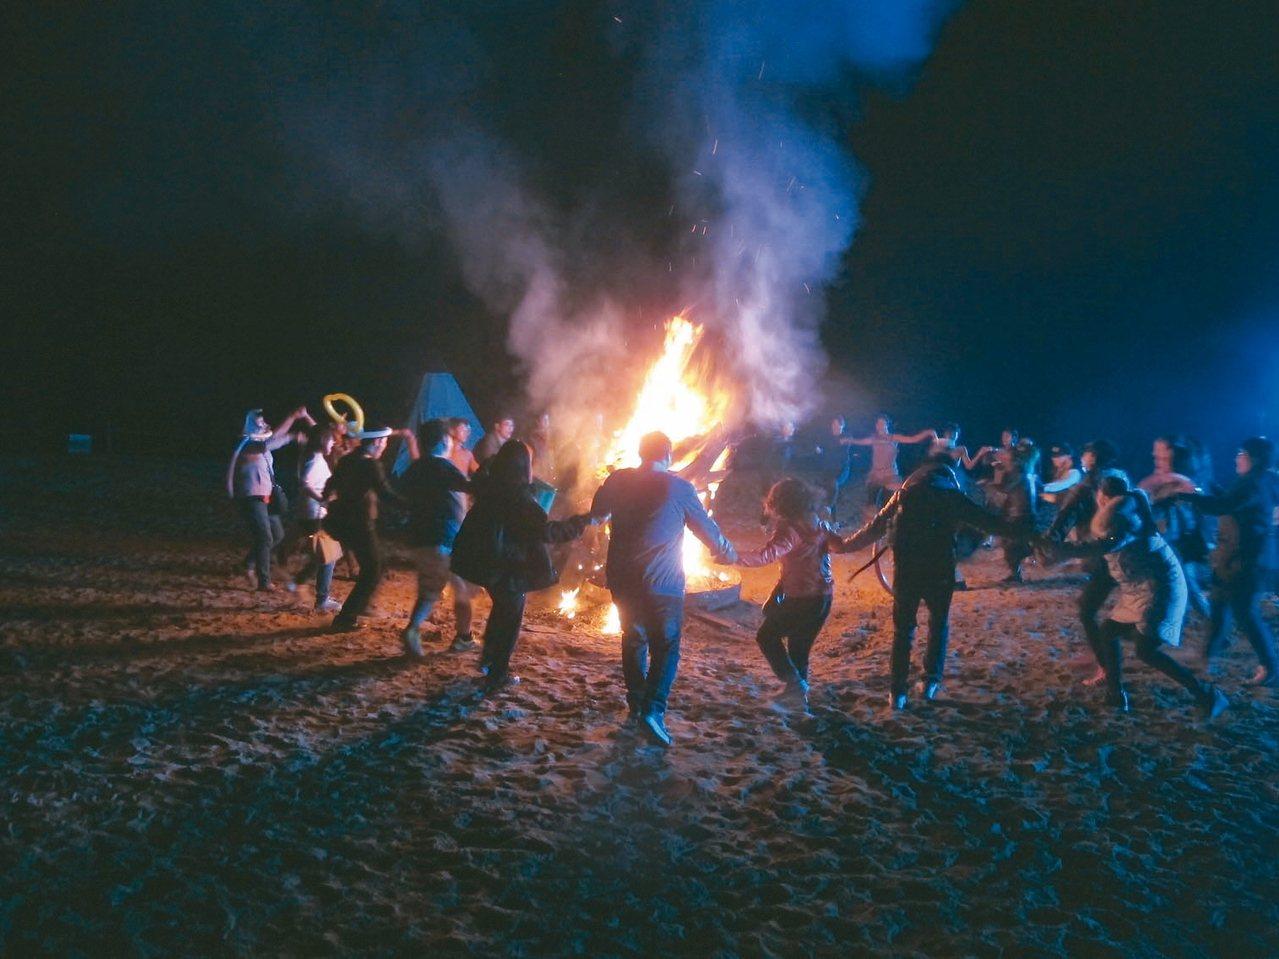 響沙灣沙漠景區的篝火晚會,遊客圍圈跳舞狂歡。 記者章淑曼/攝影